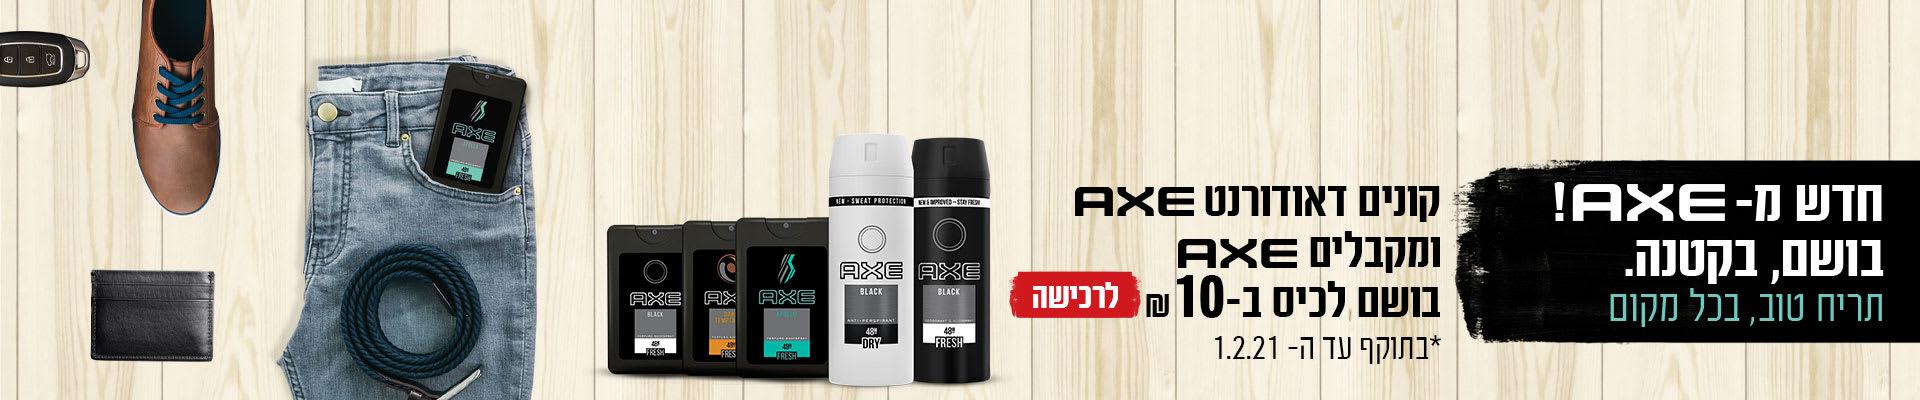 חדש מ- AXE ! בושם , בקטנה. תריח טוב , בכל מקום קונים דאודוראנט AXE ומקבלים AXE בושם לכיס ב- 10 ₪ לרכישה . בתוקף עד ה- 1.2.21